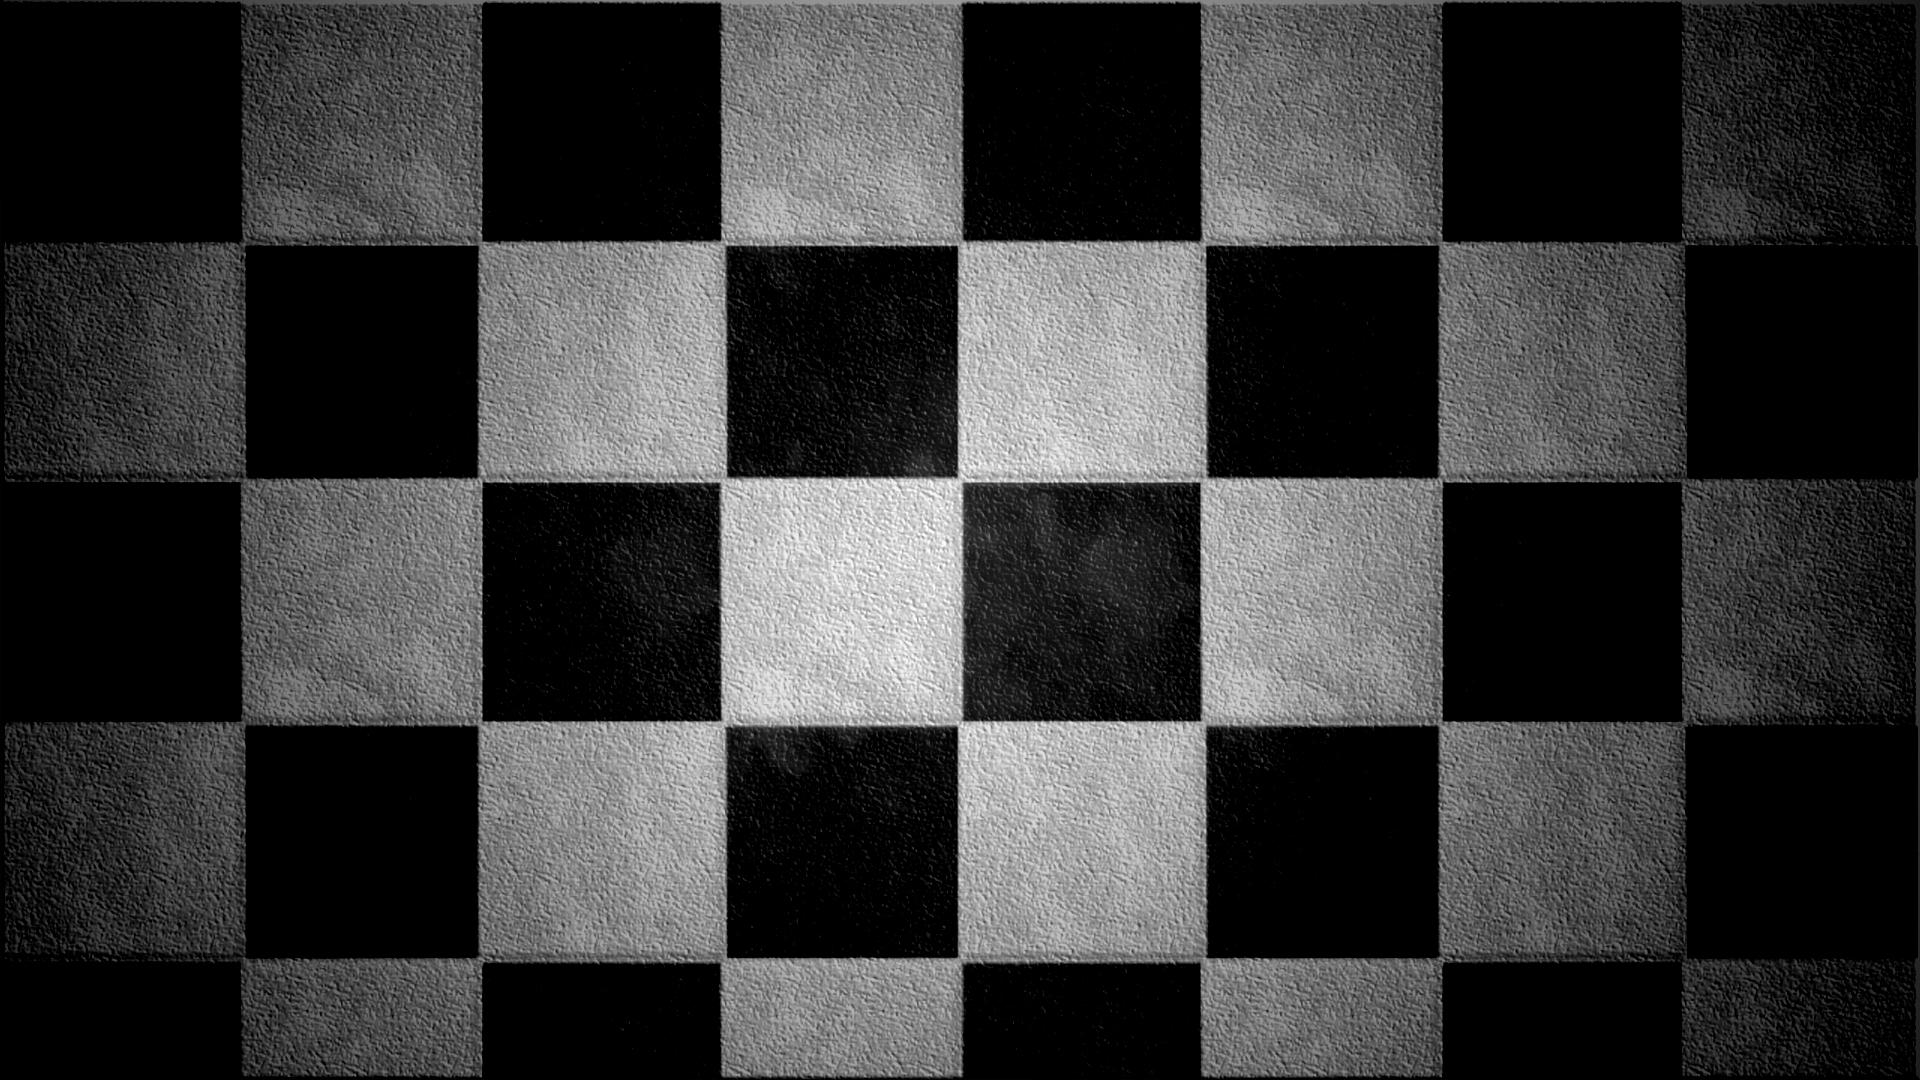 テーブルを設定する 足音 フック 黒 チェック 壁紙 Ghostsceneaustria Com